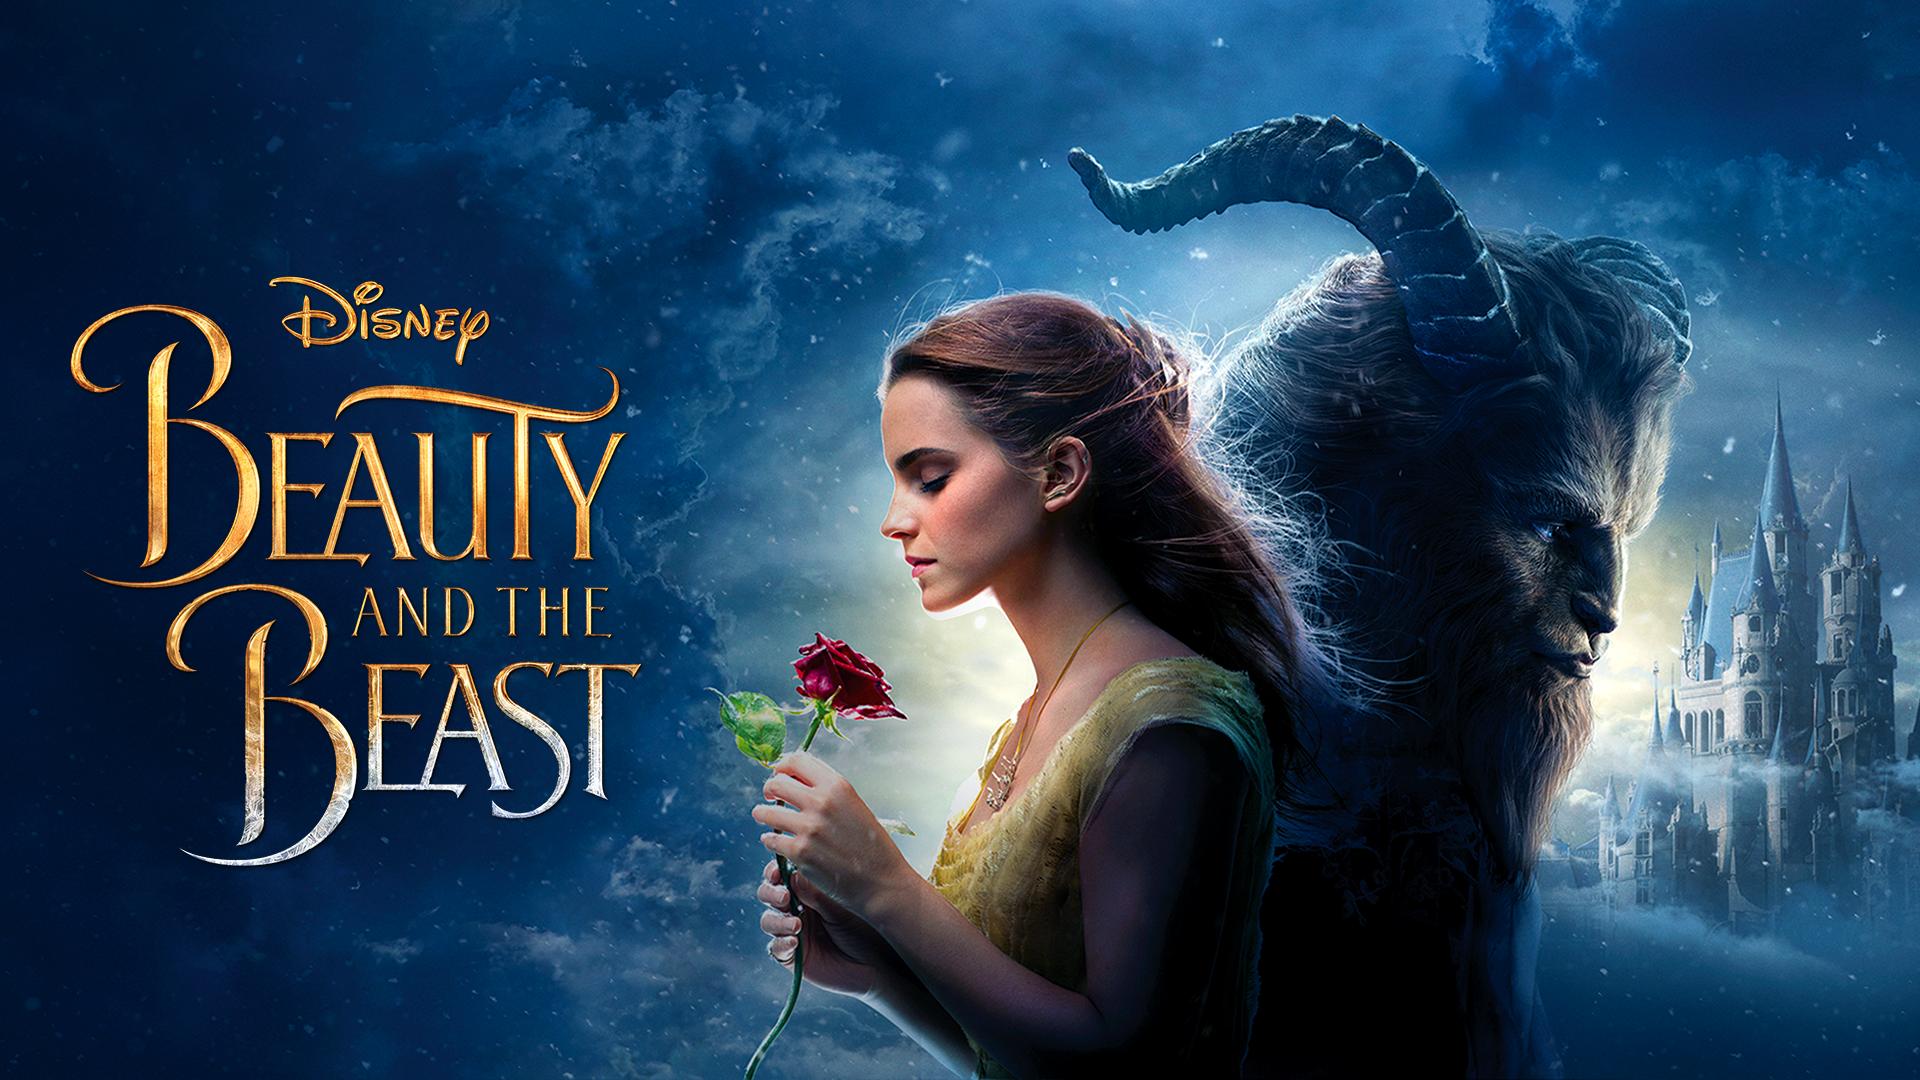 Ini 10 Link Nonton Download Nonton Film Gratis Terbaru 2020 Kualitas Hd Dari Beauty And The Beast Sampai A Quiet Place Subtitle Bahasa Indonesia Semua Halaman Grid Fame